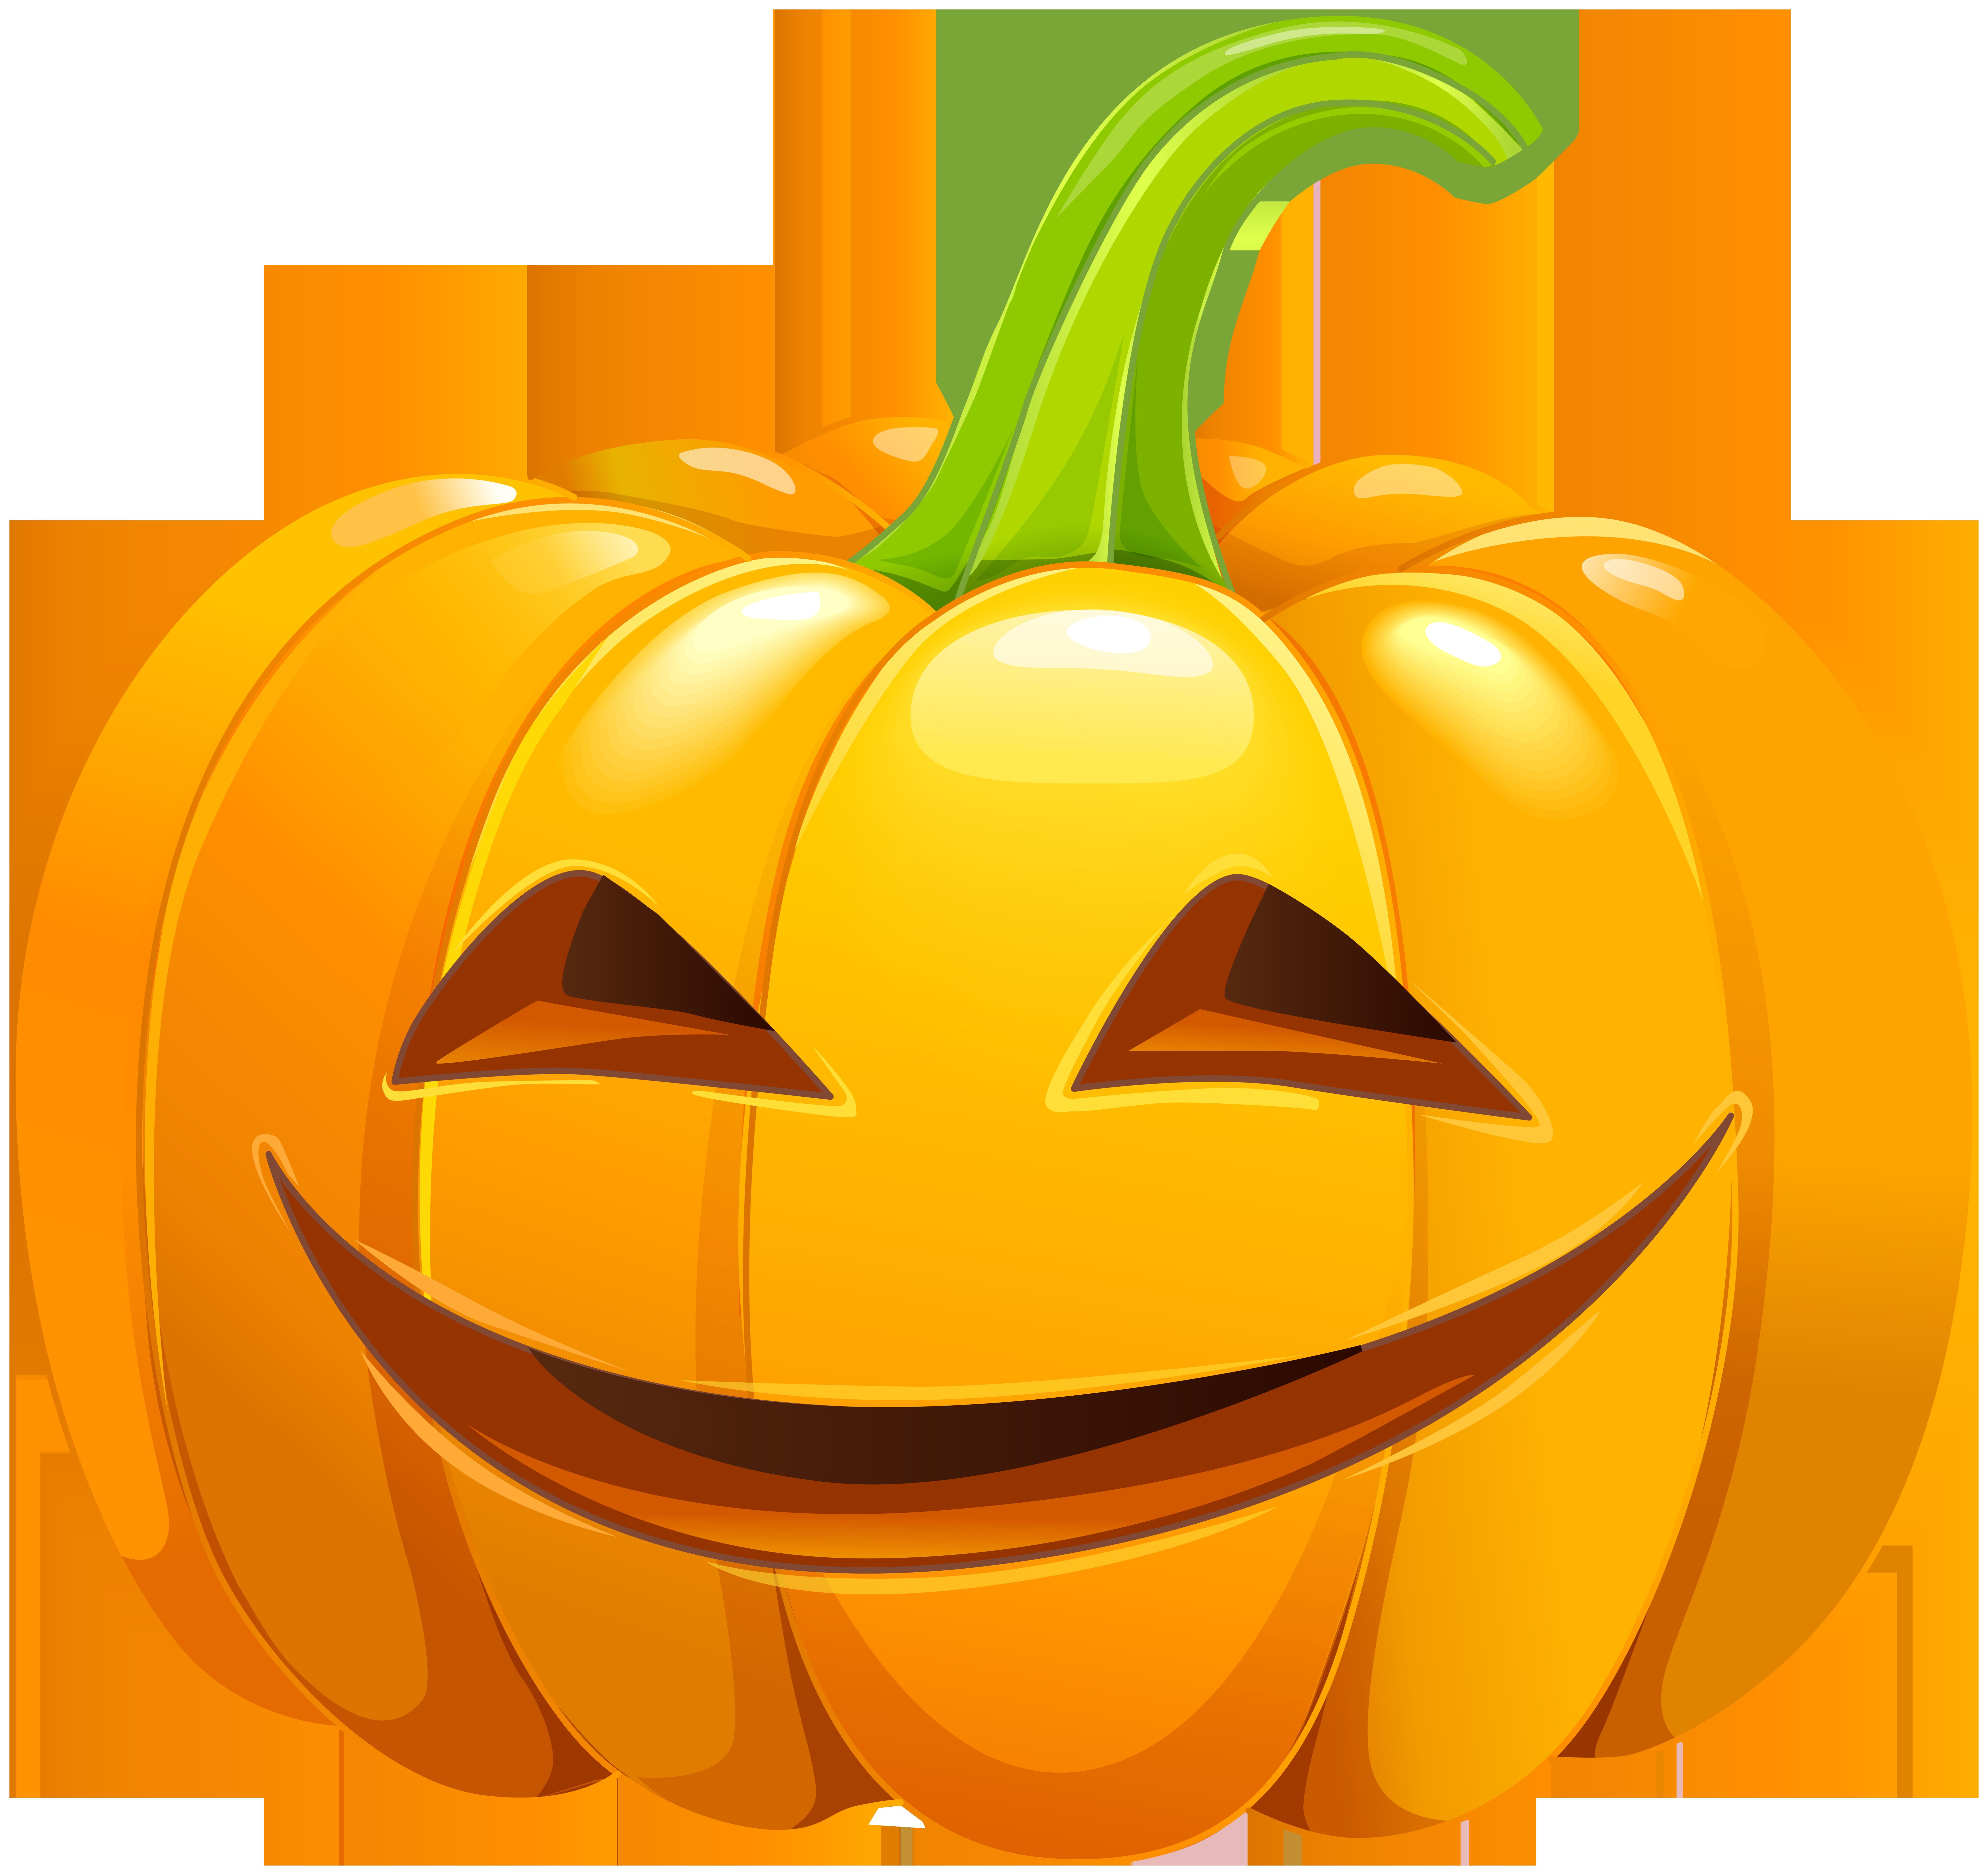 Smiling Carved Pumpkin PNG Clip Art Image.